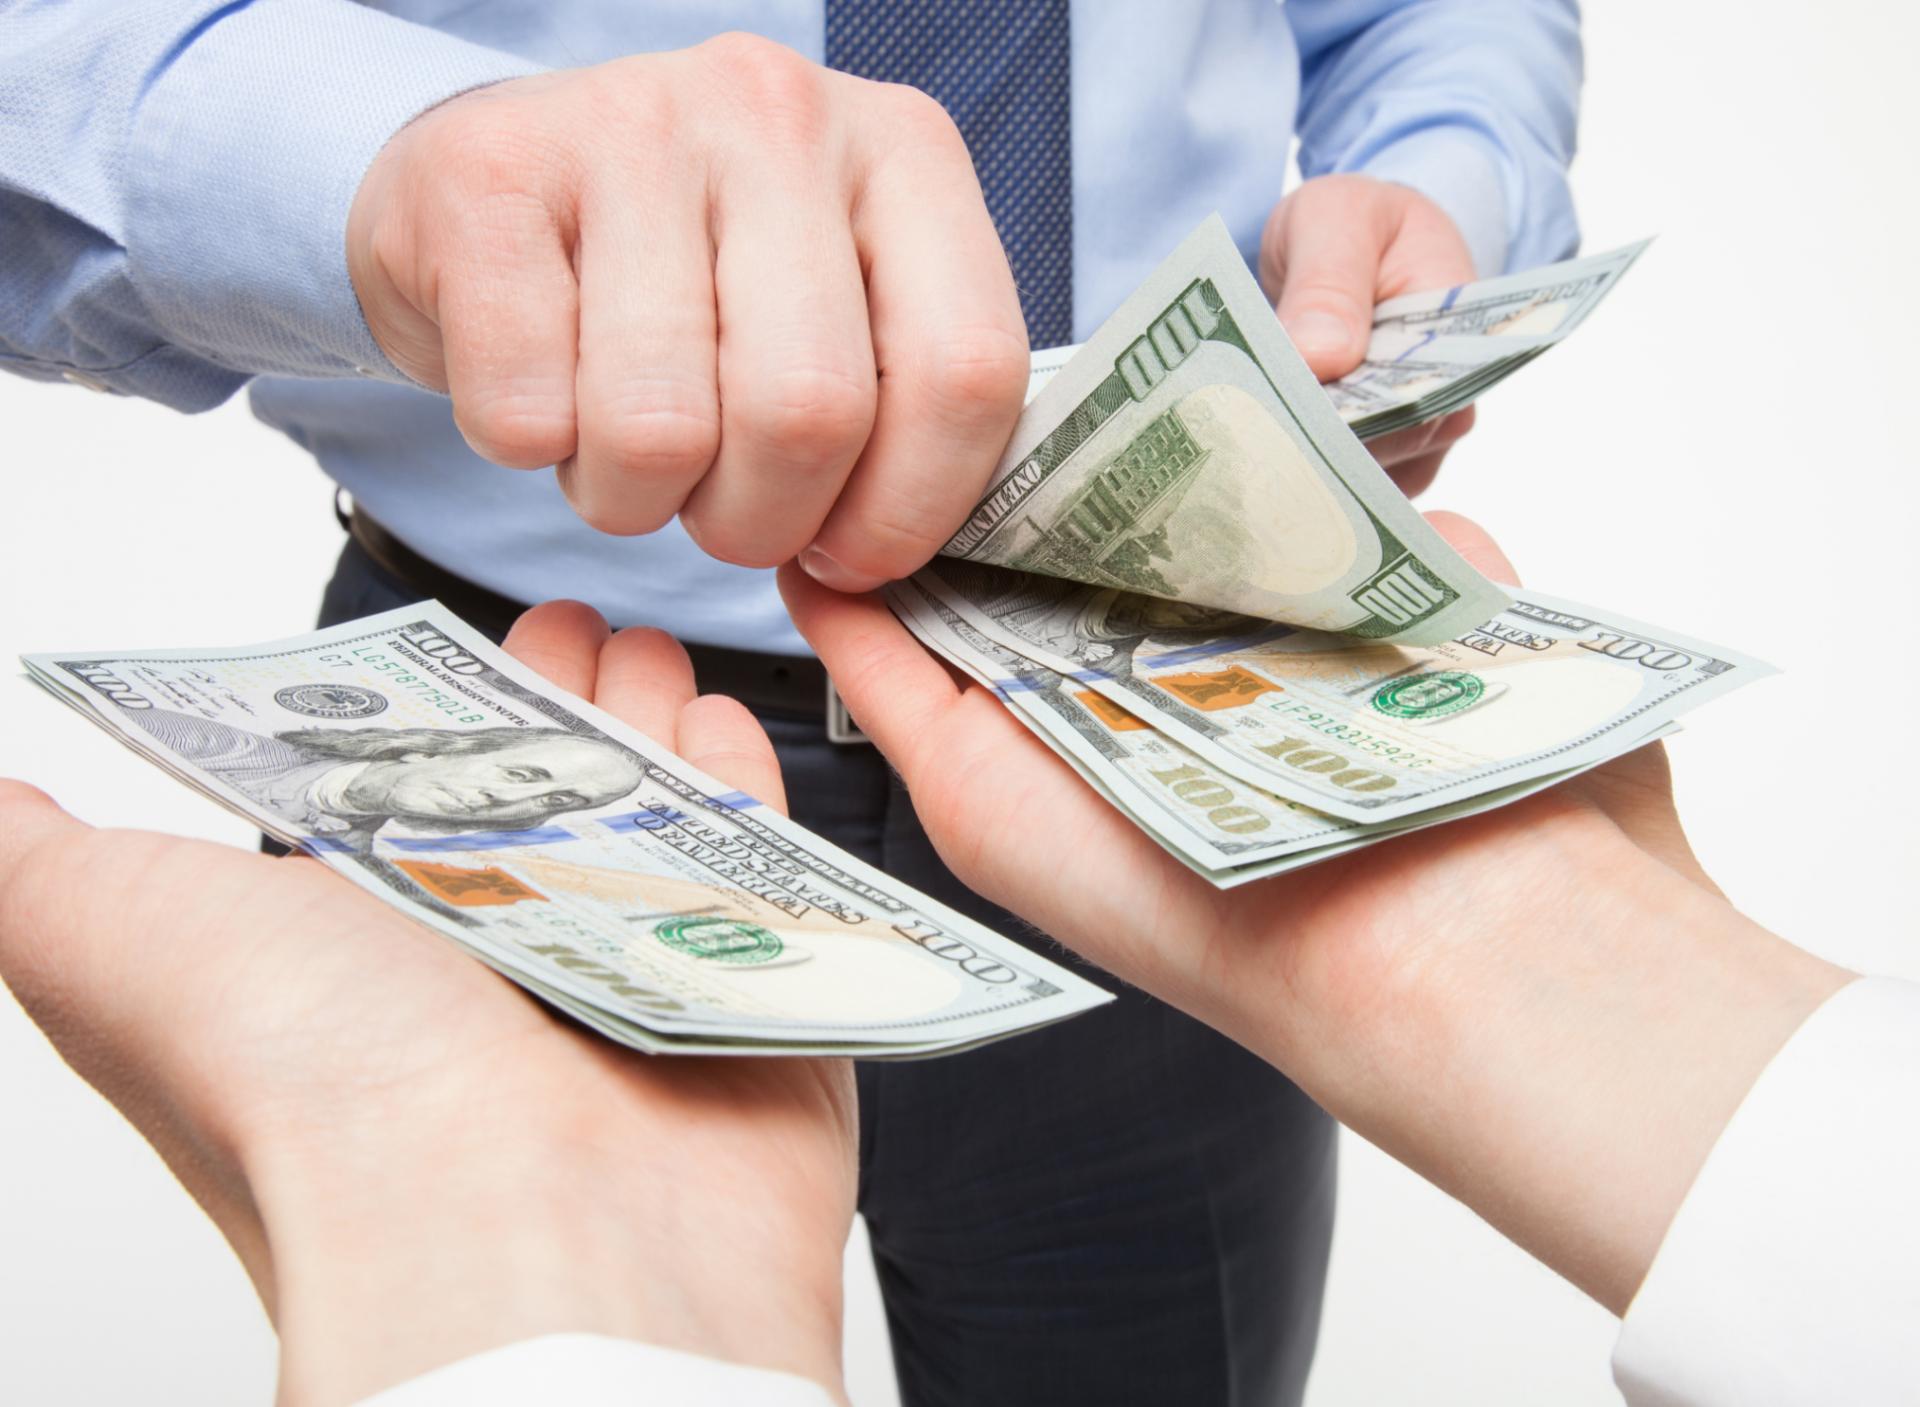 прохановского картинки по заработной плате взбиваем